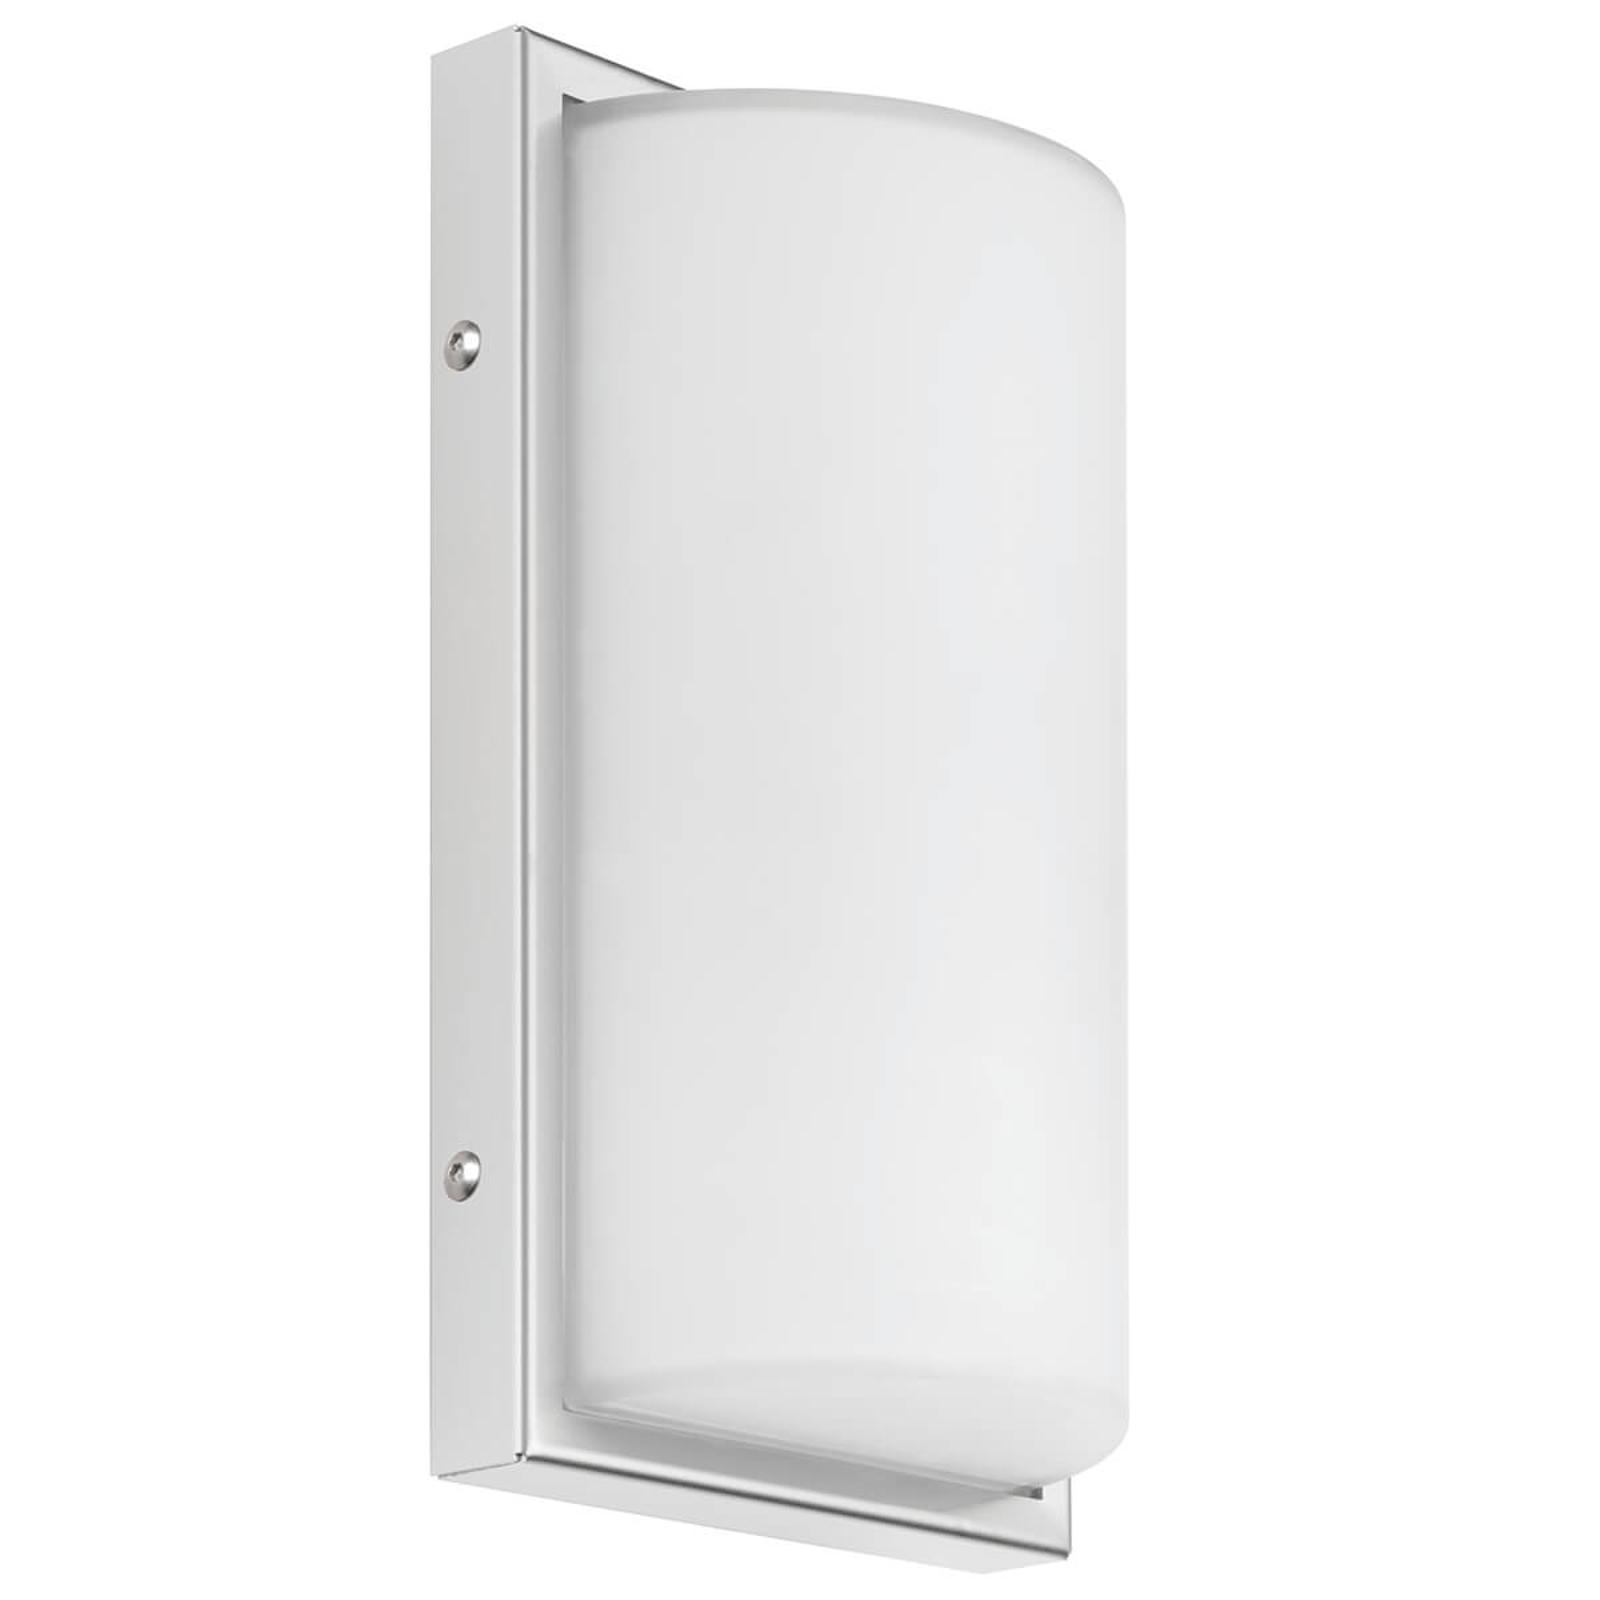 LED-Außenwandleuchte 040 mit Sensor, weiß